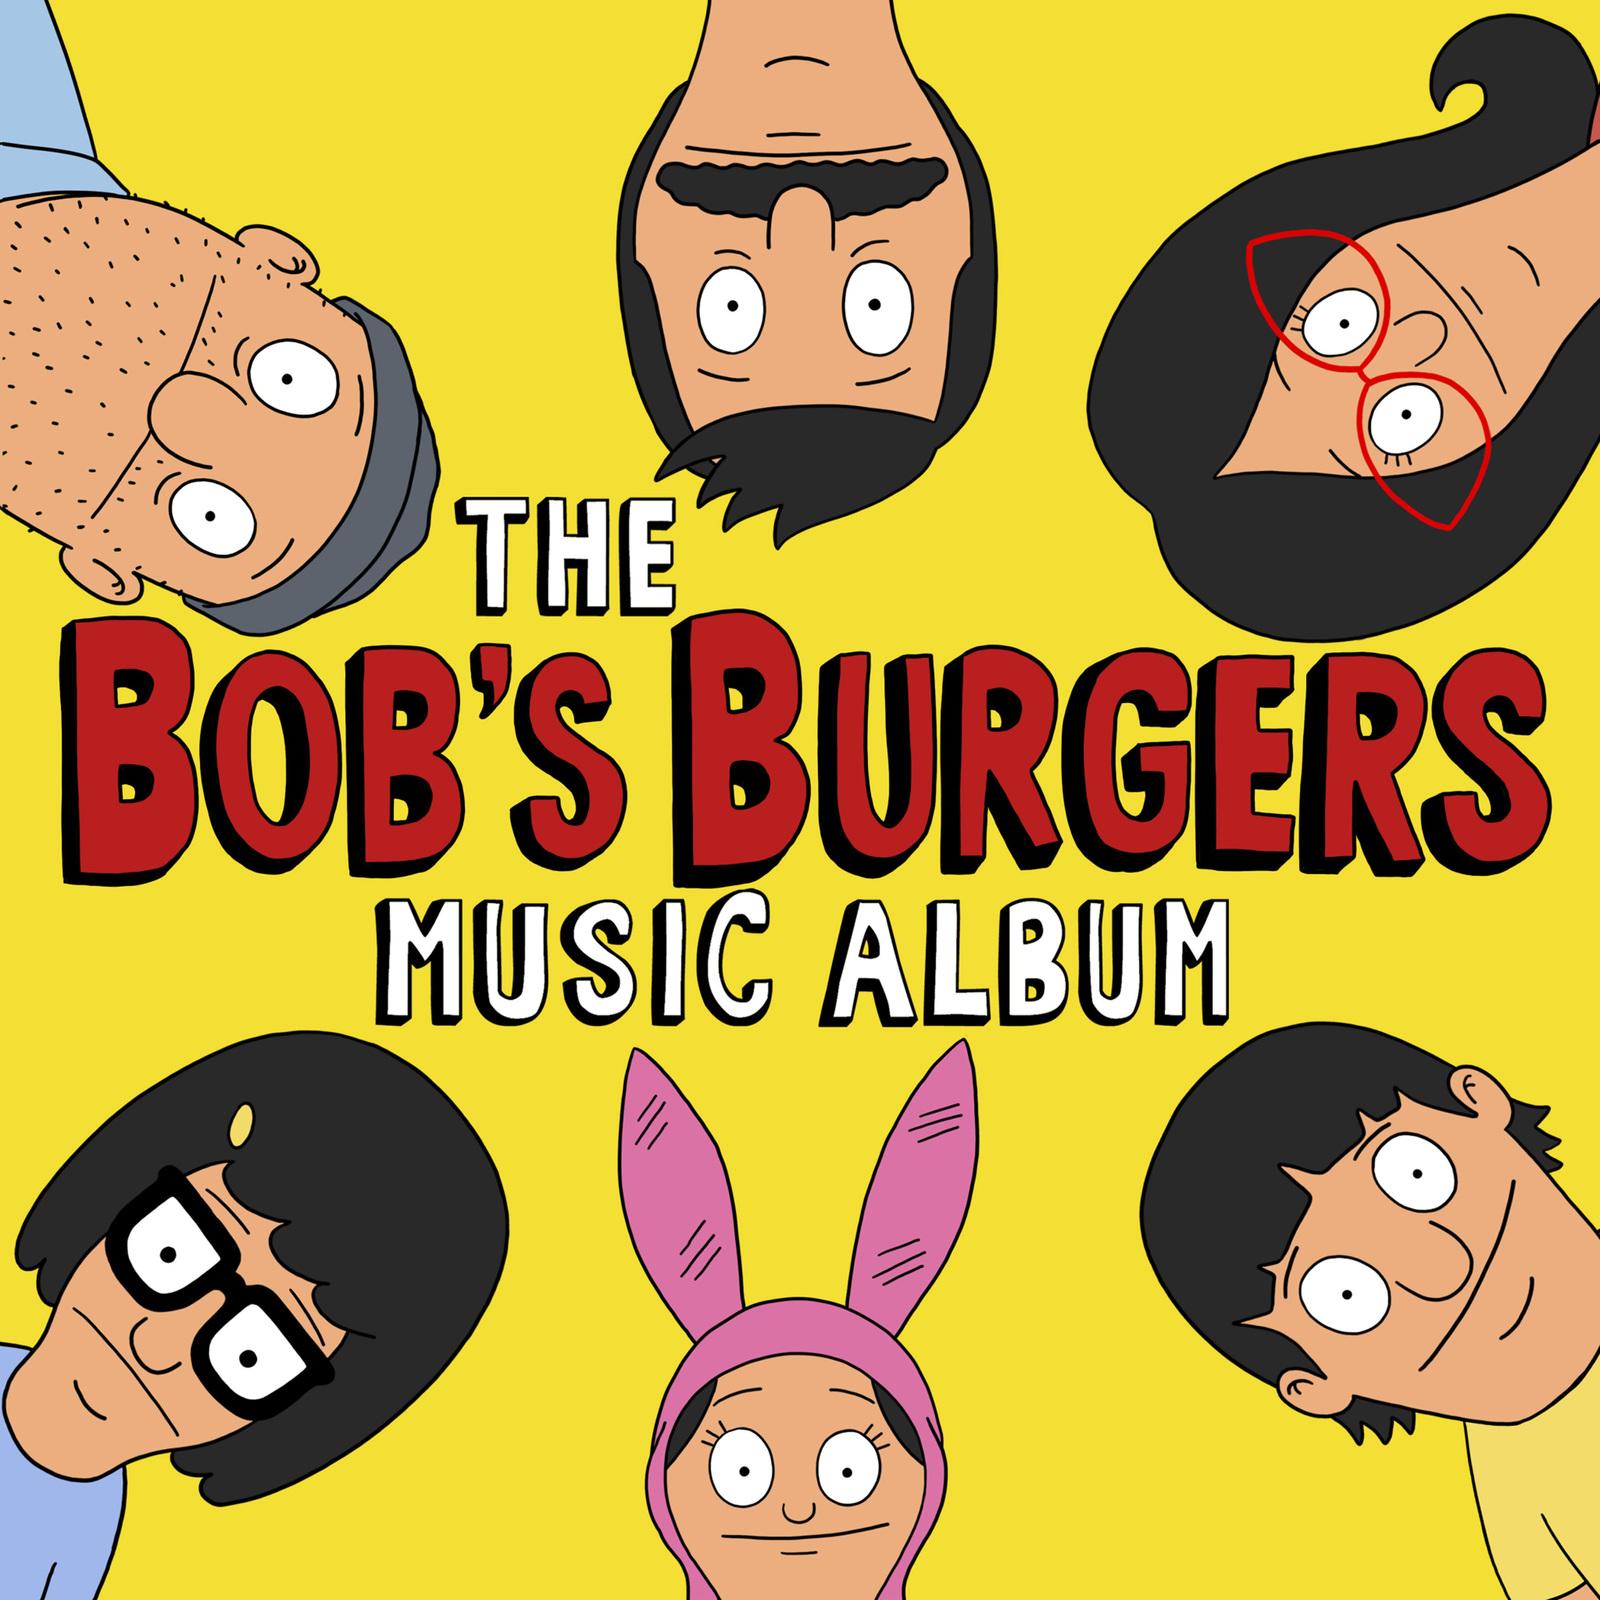 The Bob's Burgers Music Album image